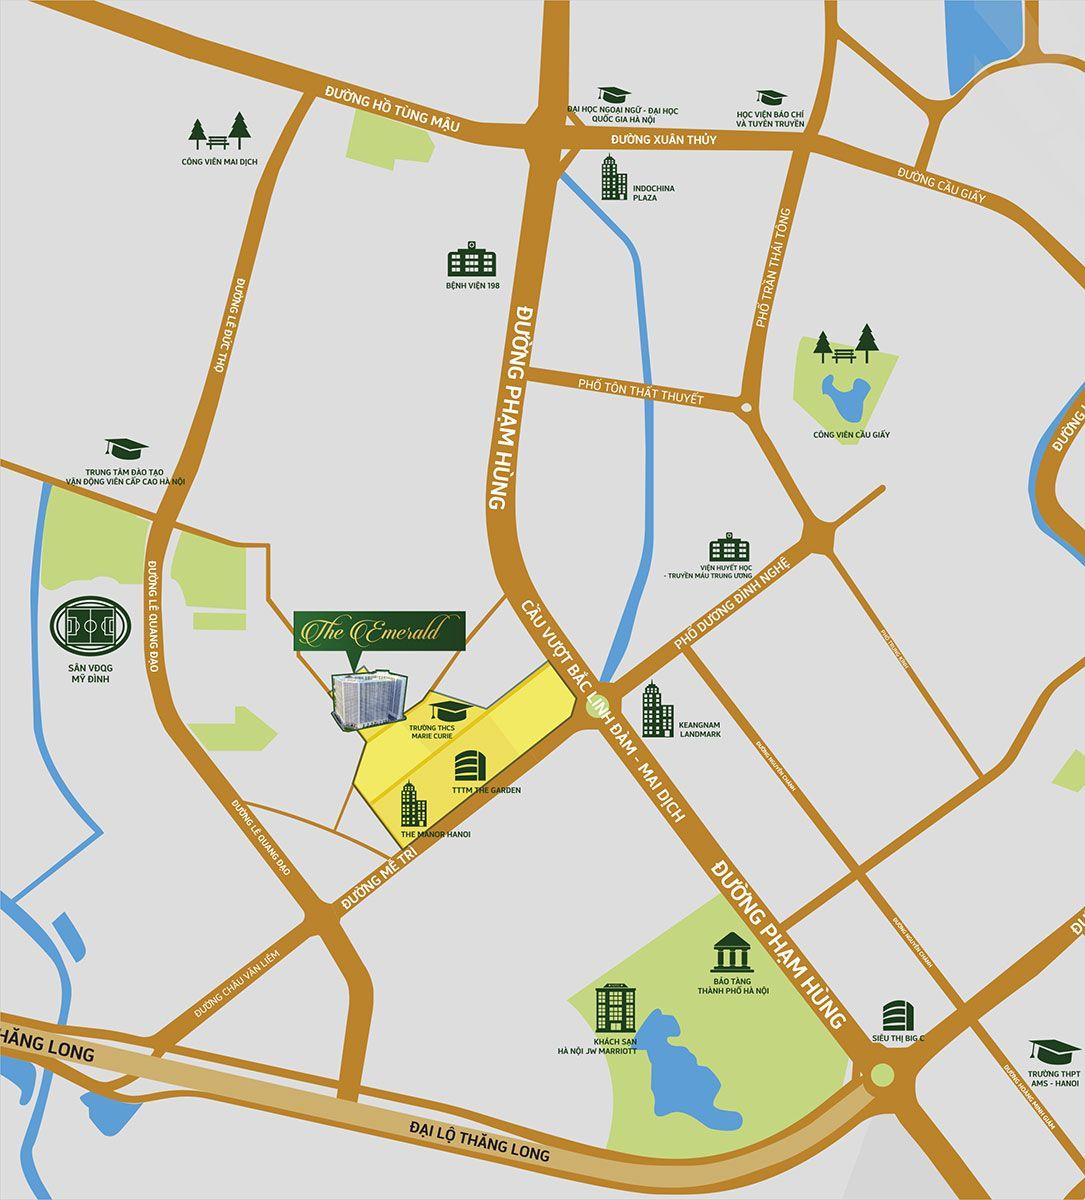 map-vitri-1604977341.jpg